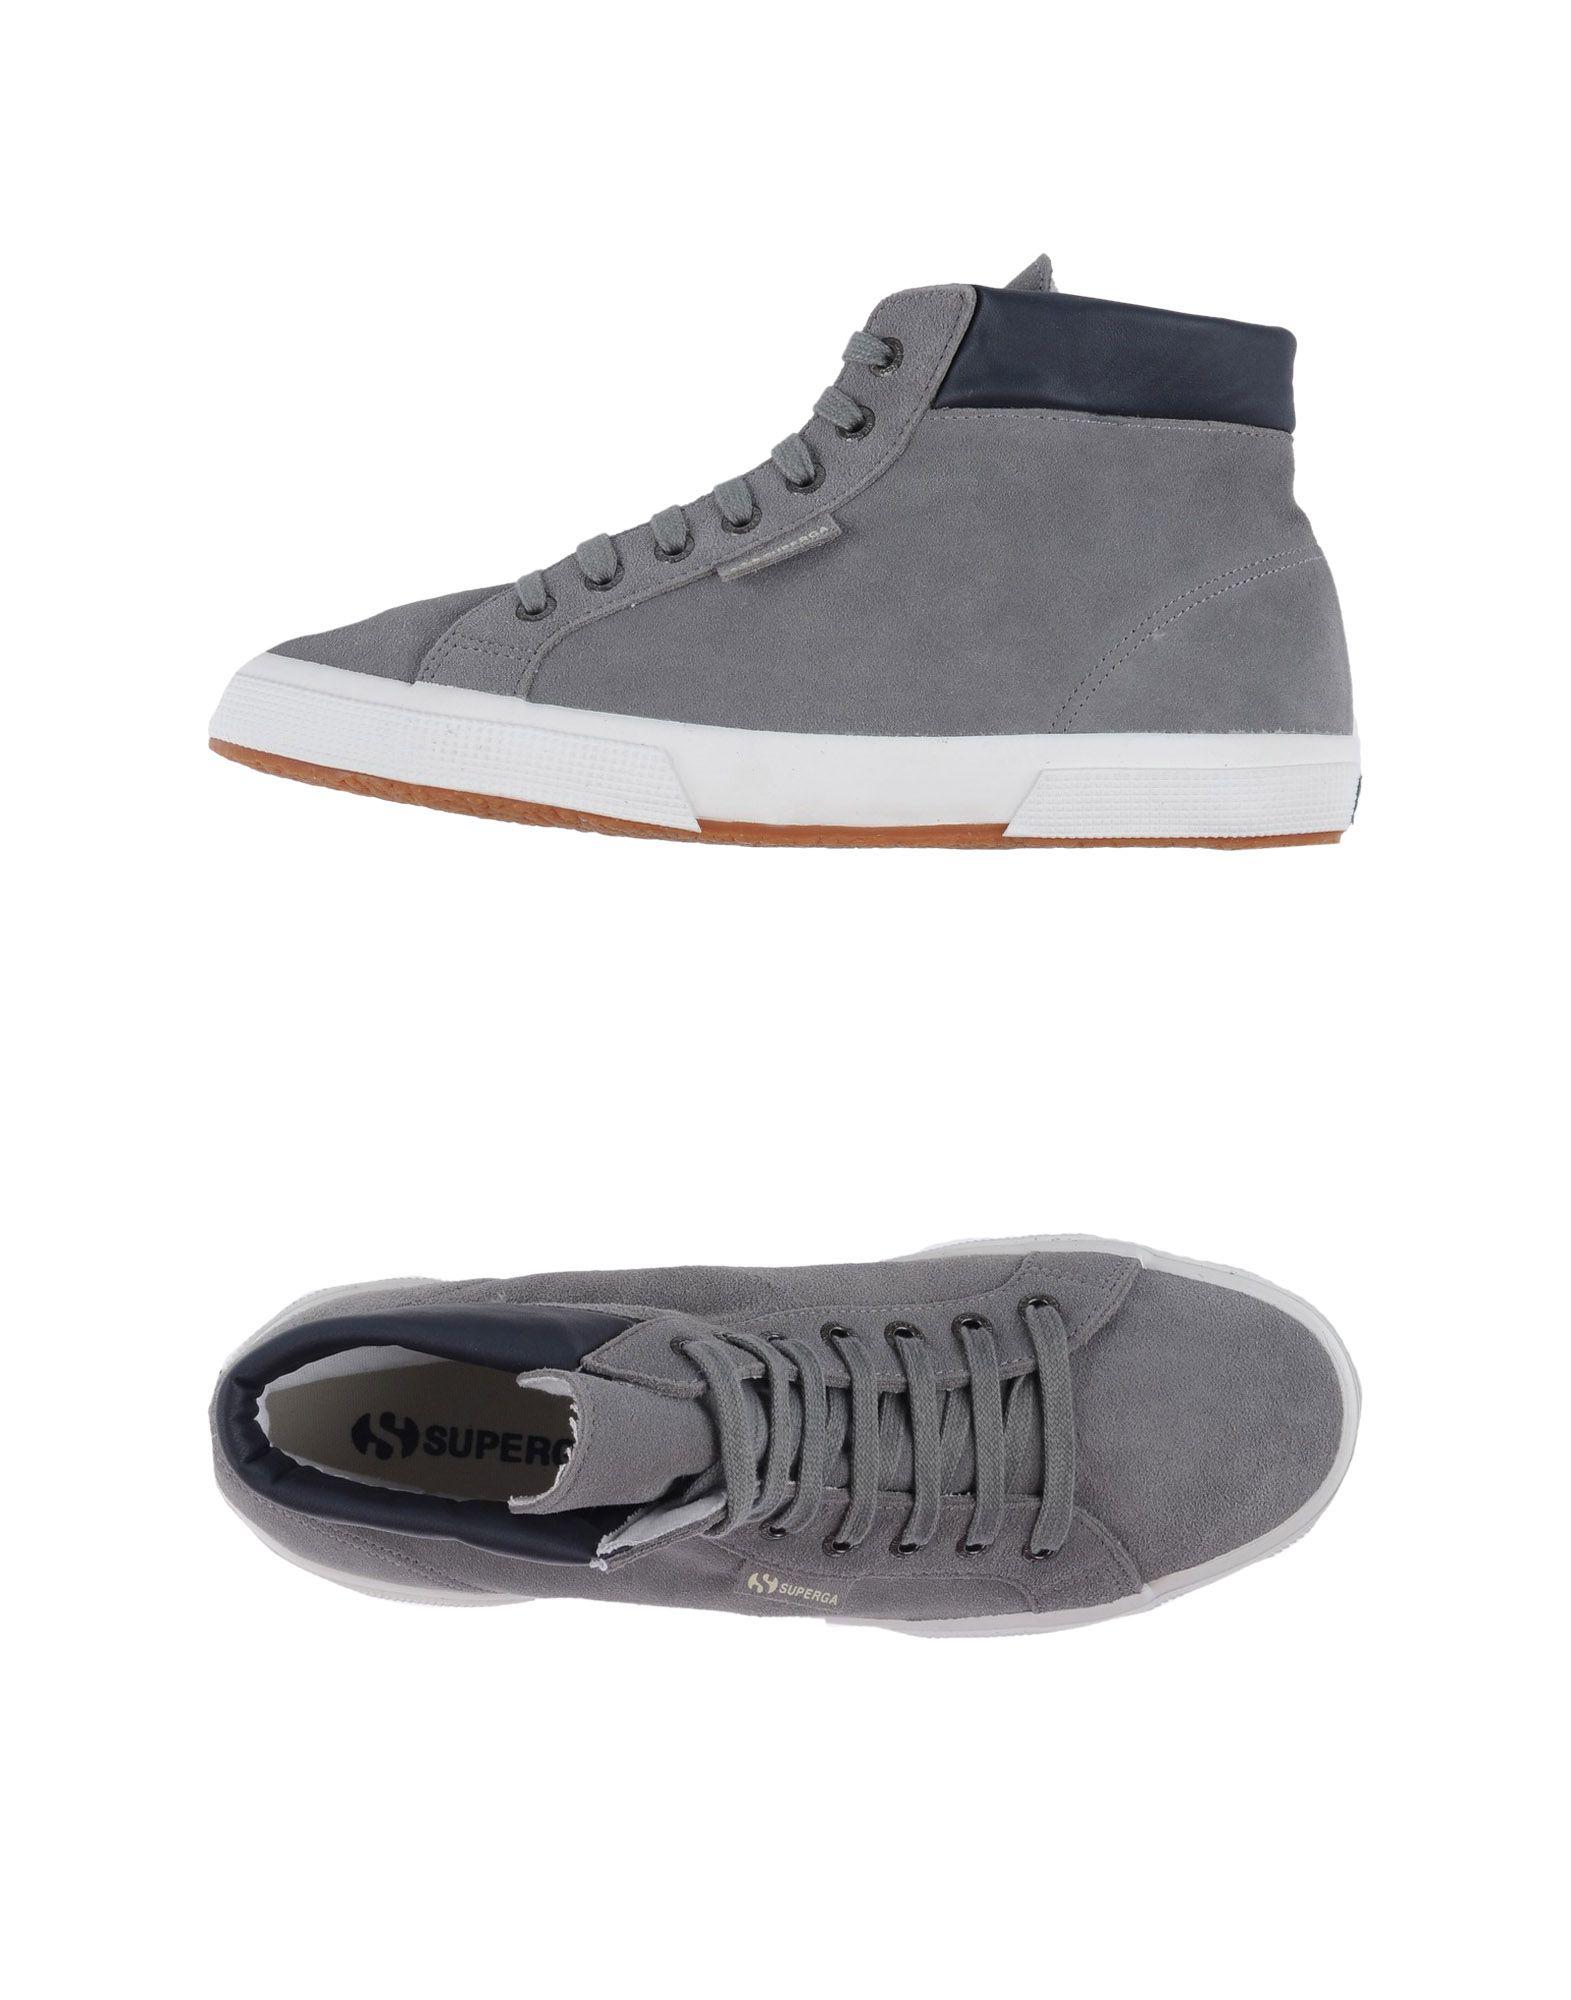 Superga® Sneakers Herren Herren Sneakers  44847089AV 36b9f7